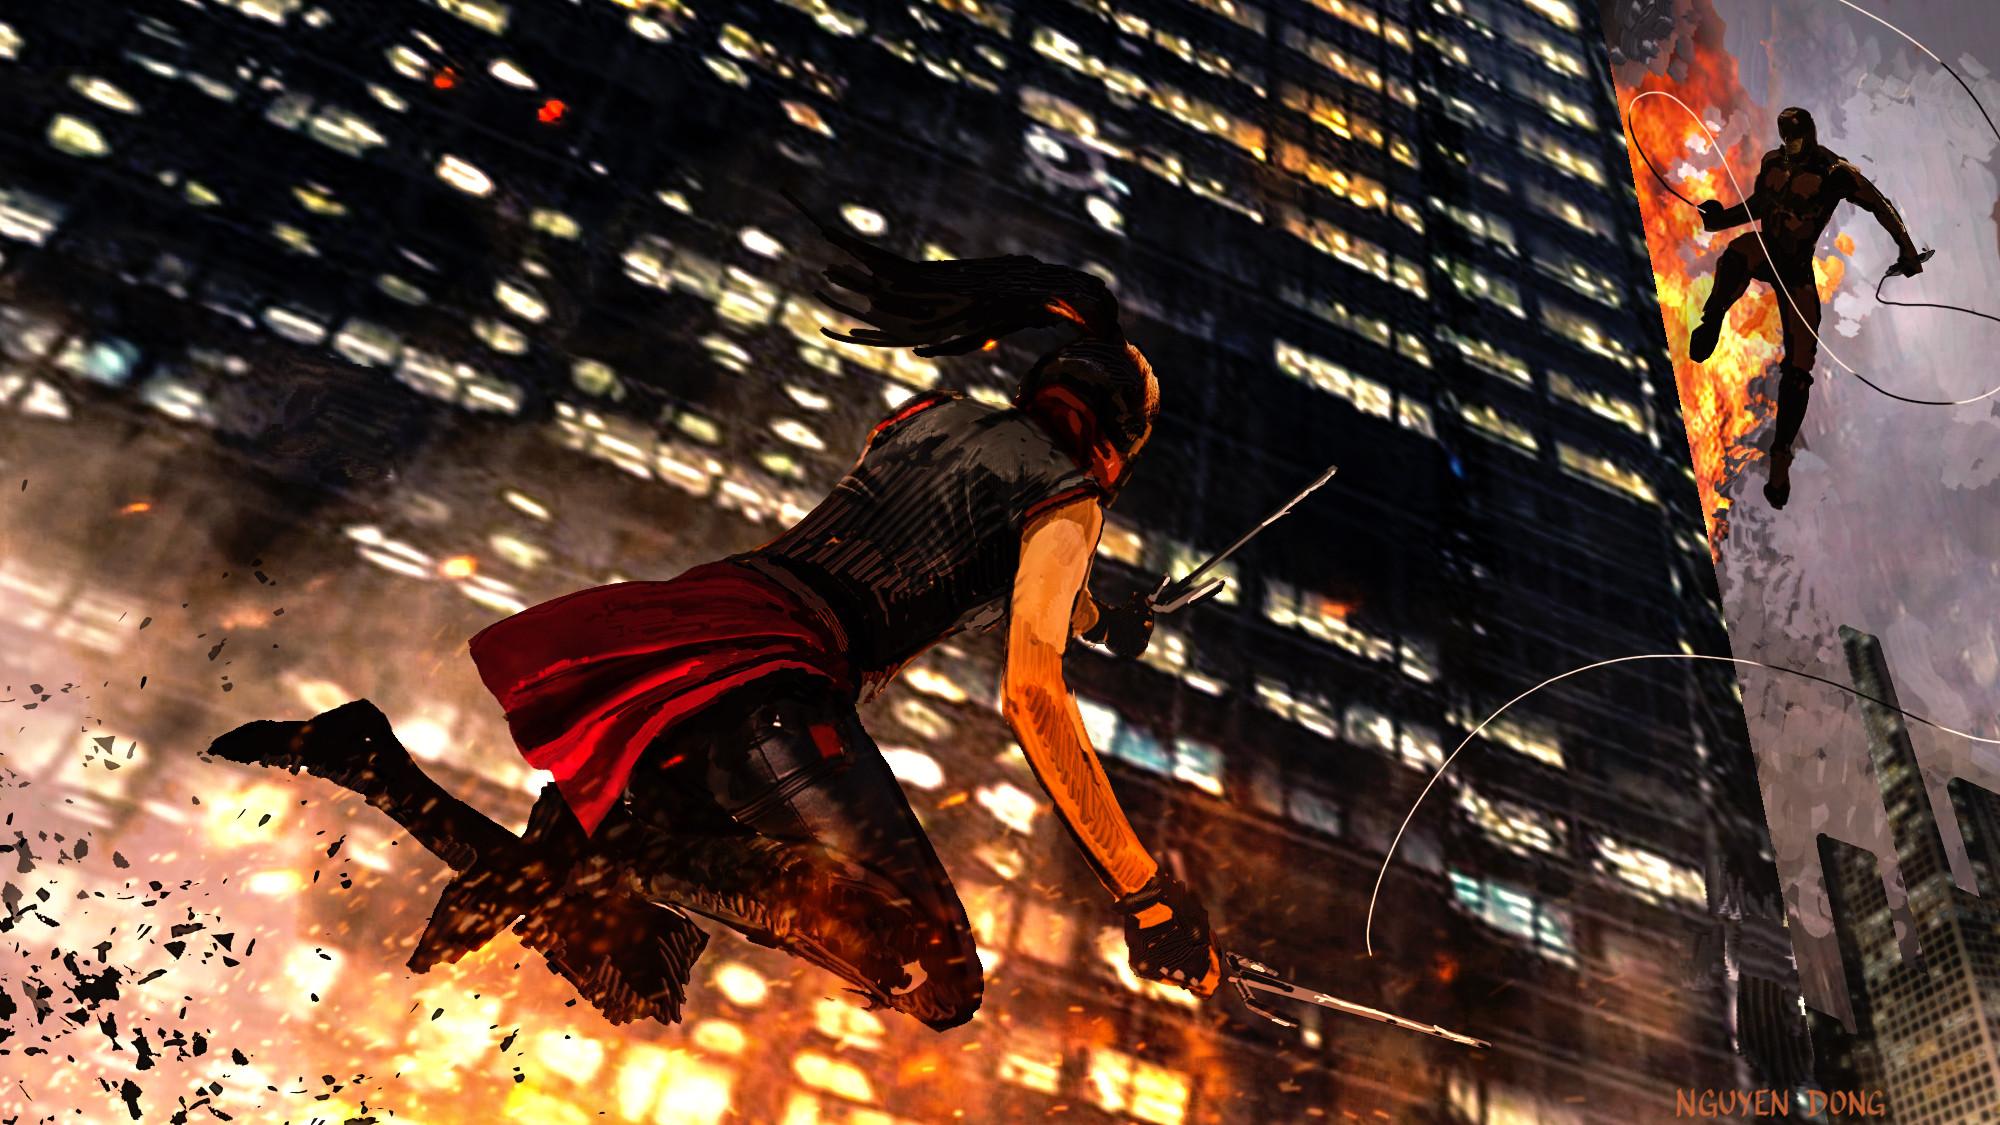 Elektra vs. Daredevil